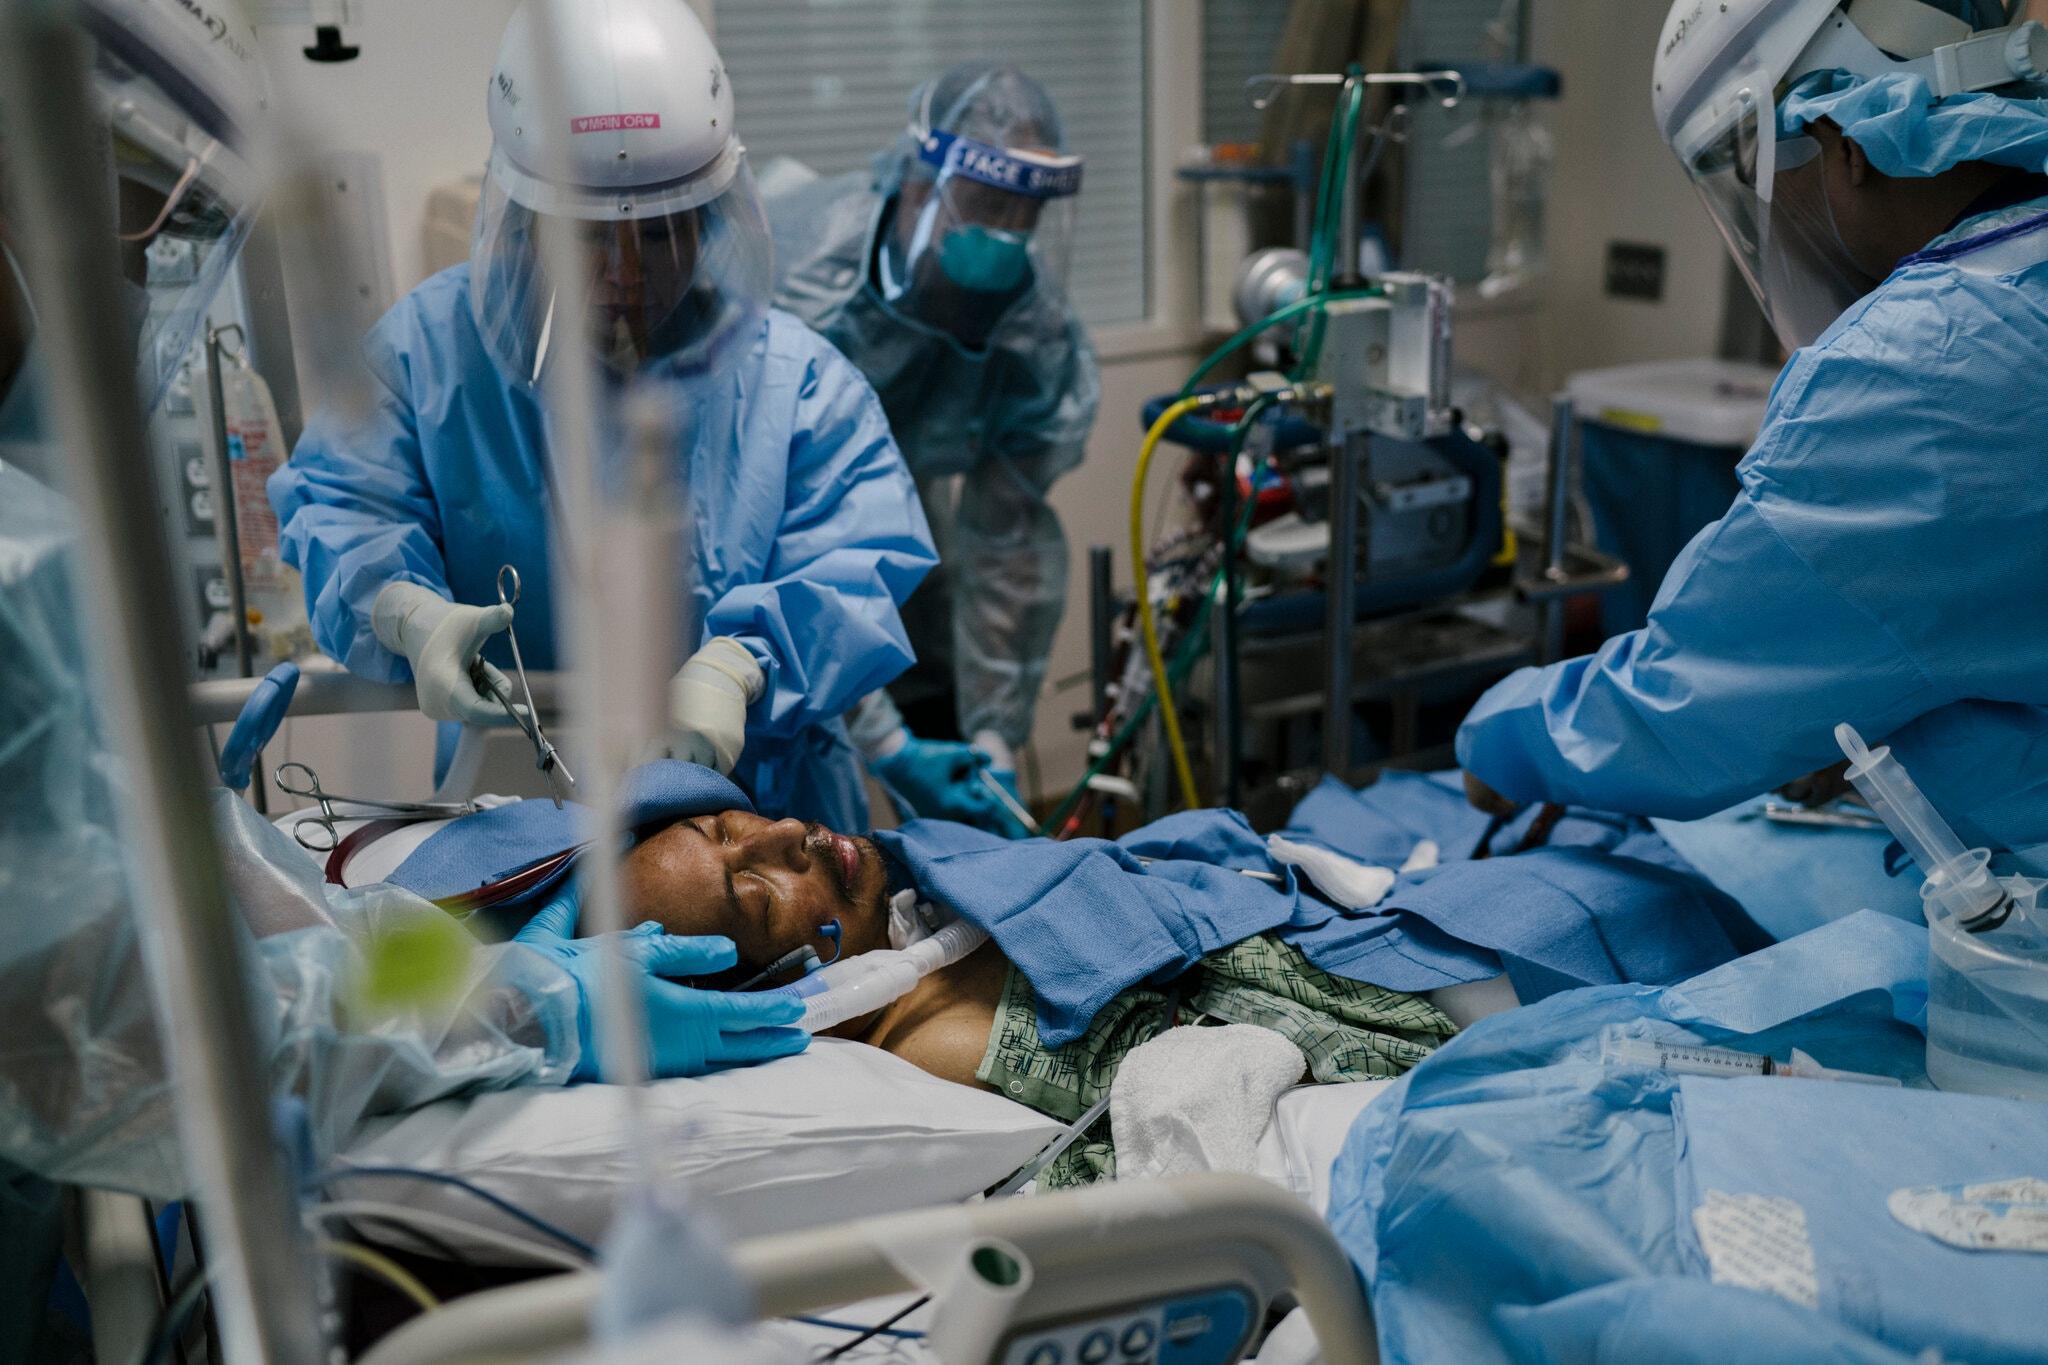 Một bệnh nhân Covid-19 62 tuổi được điều trị tại Bệnh viện Giám lý Houston, Mỹ, tháng 6/2020. Ảnh: NY Times